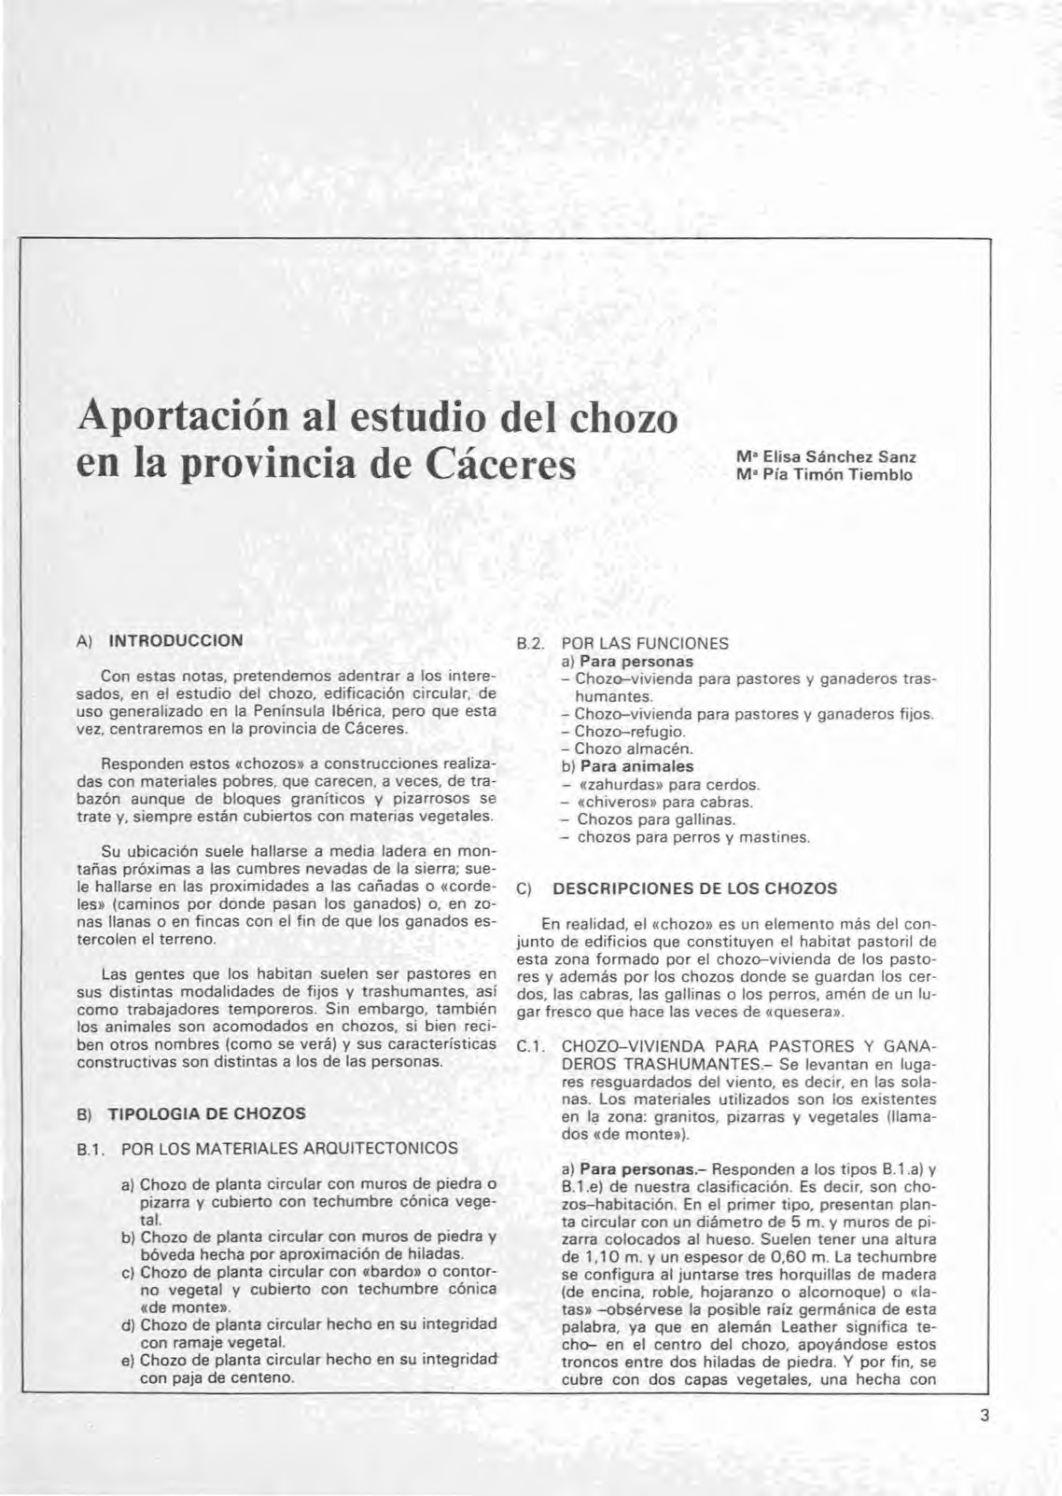 Revista NARRIA. Estudios de Artes y Costumbres Populares nº 23/24 de 1981